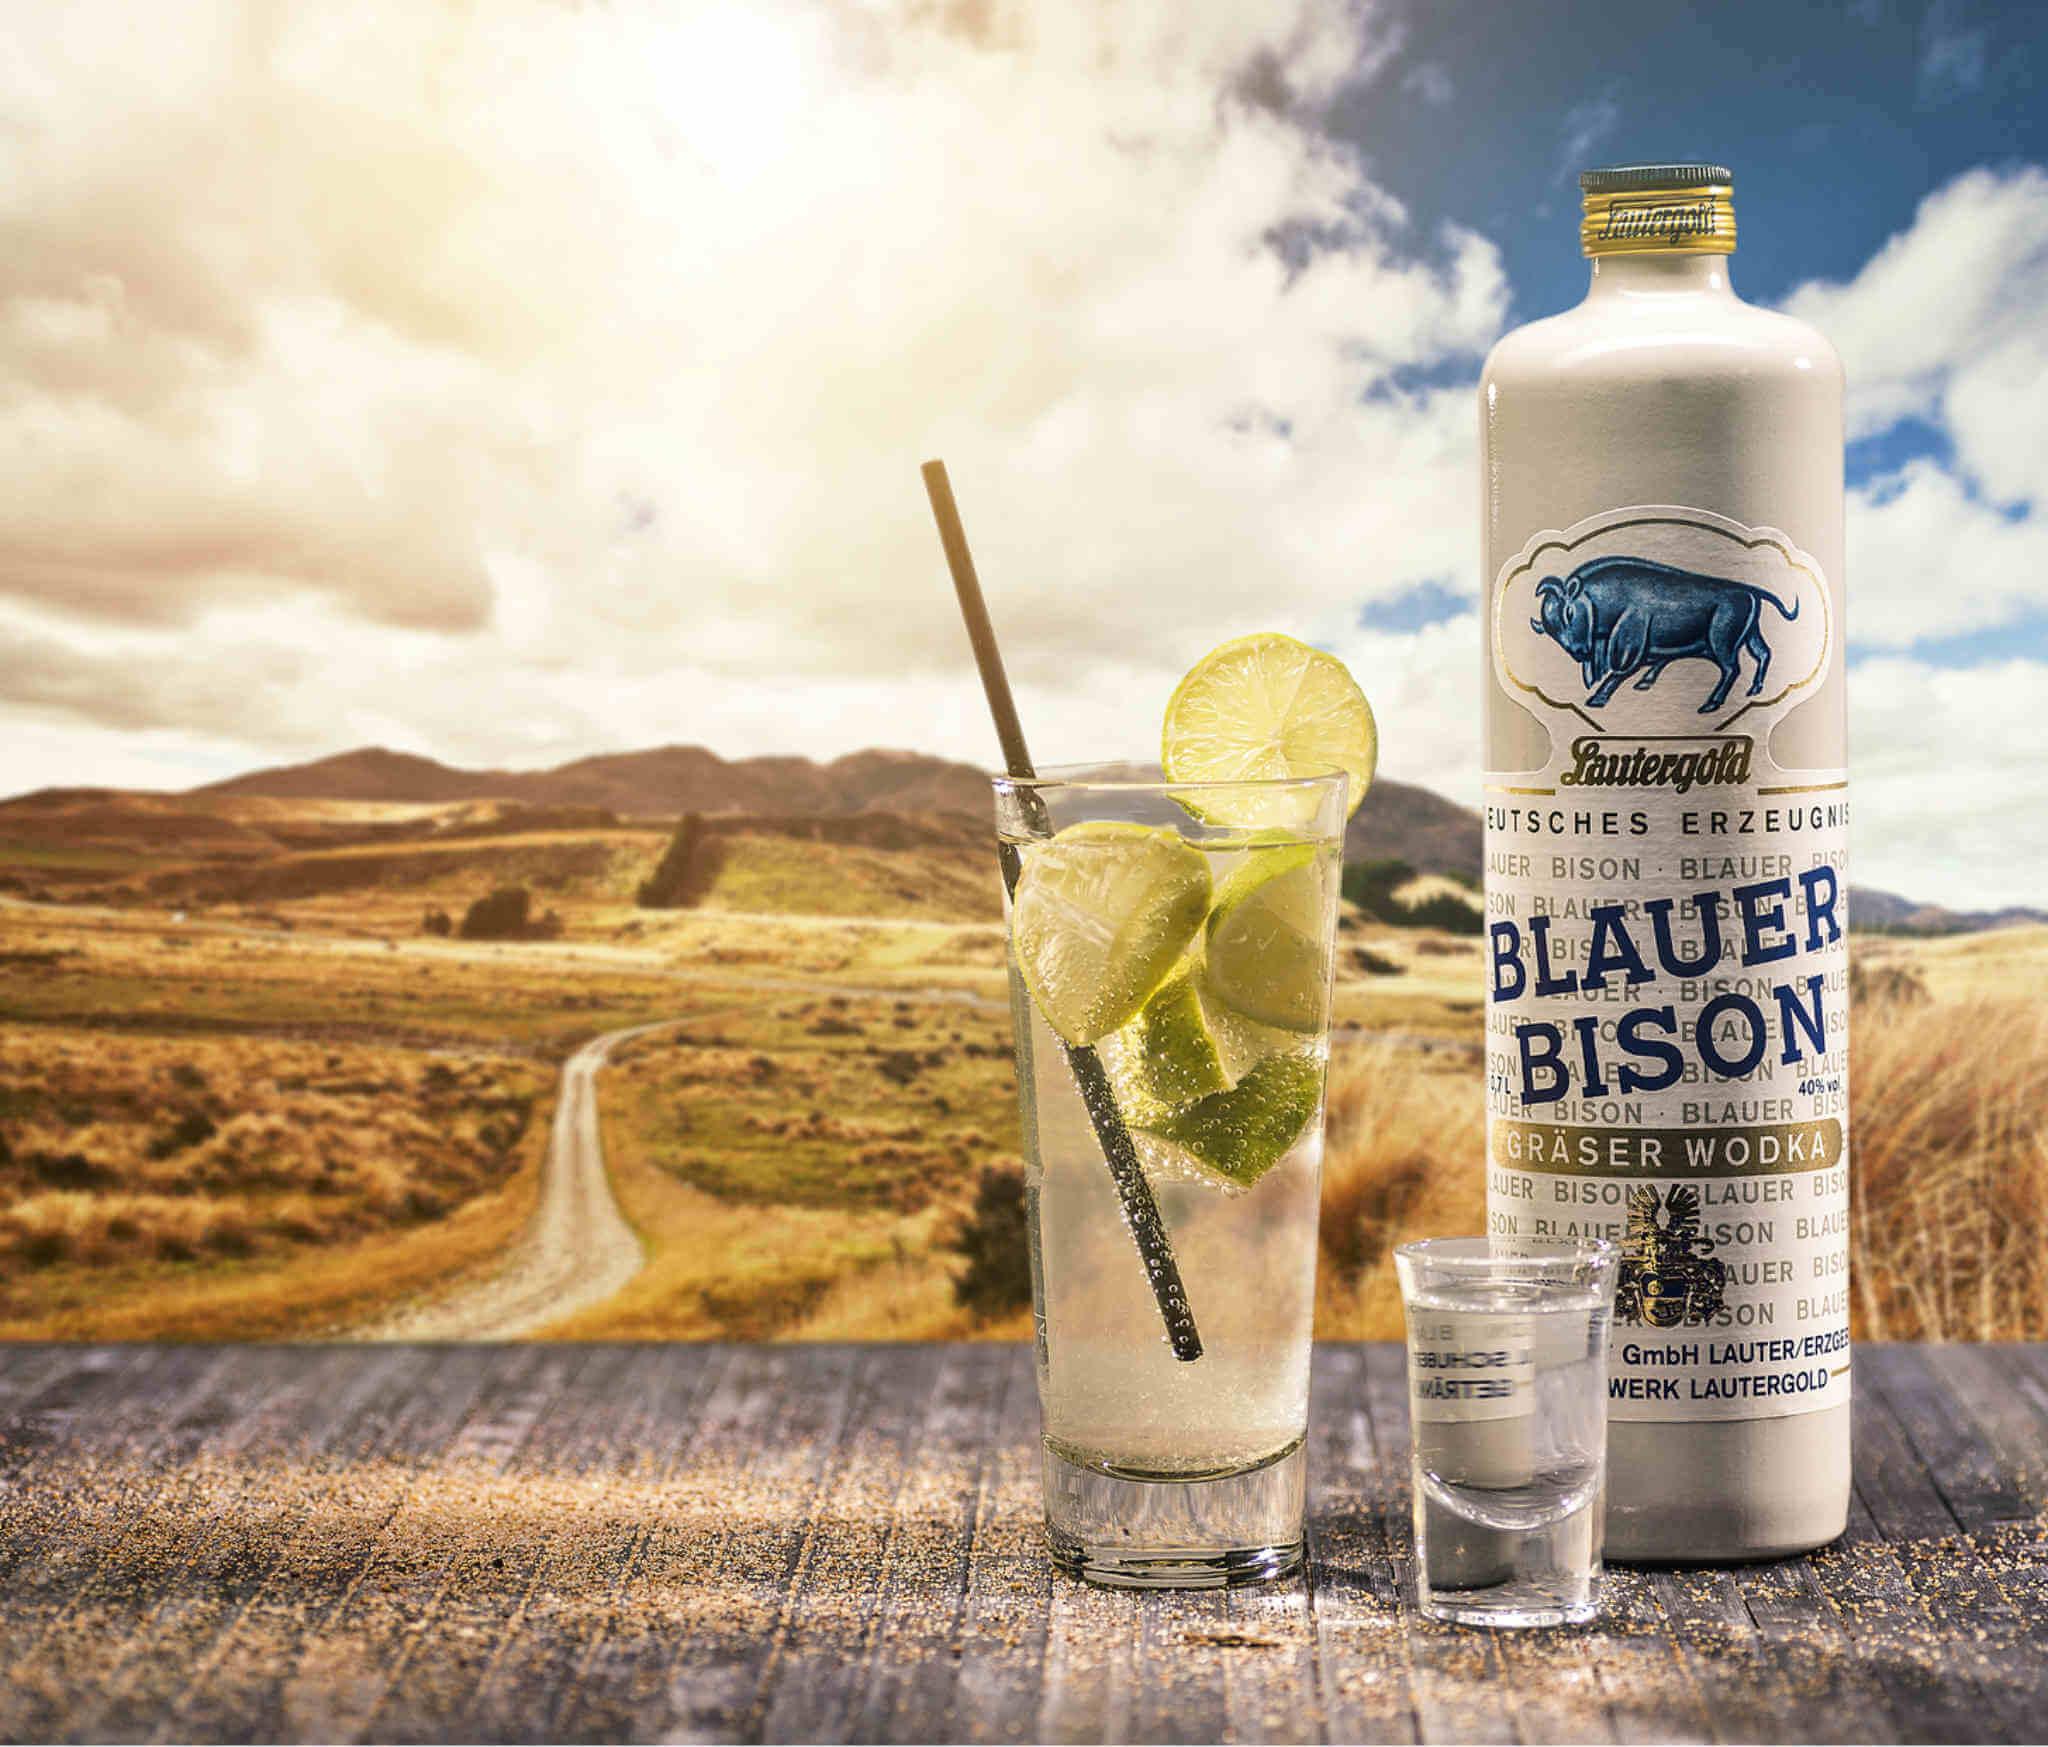 Blue Bison Grass Vodka